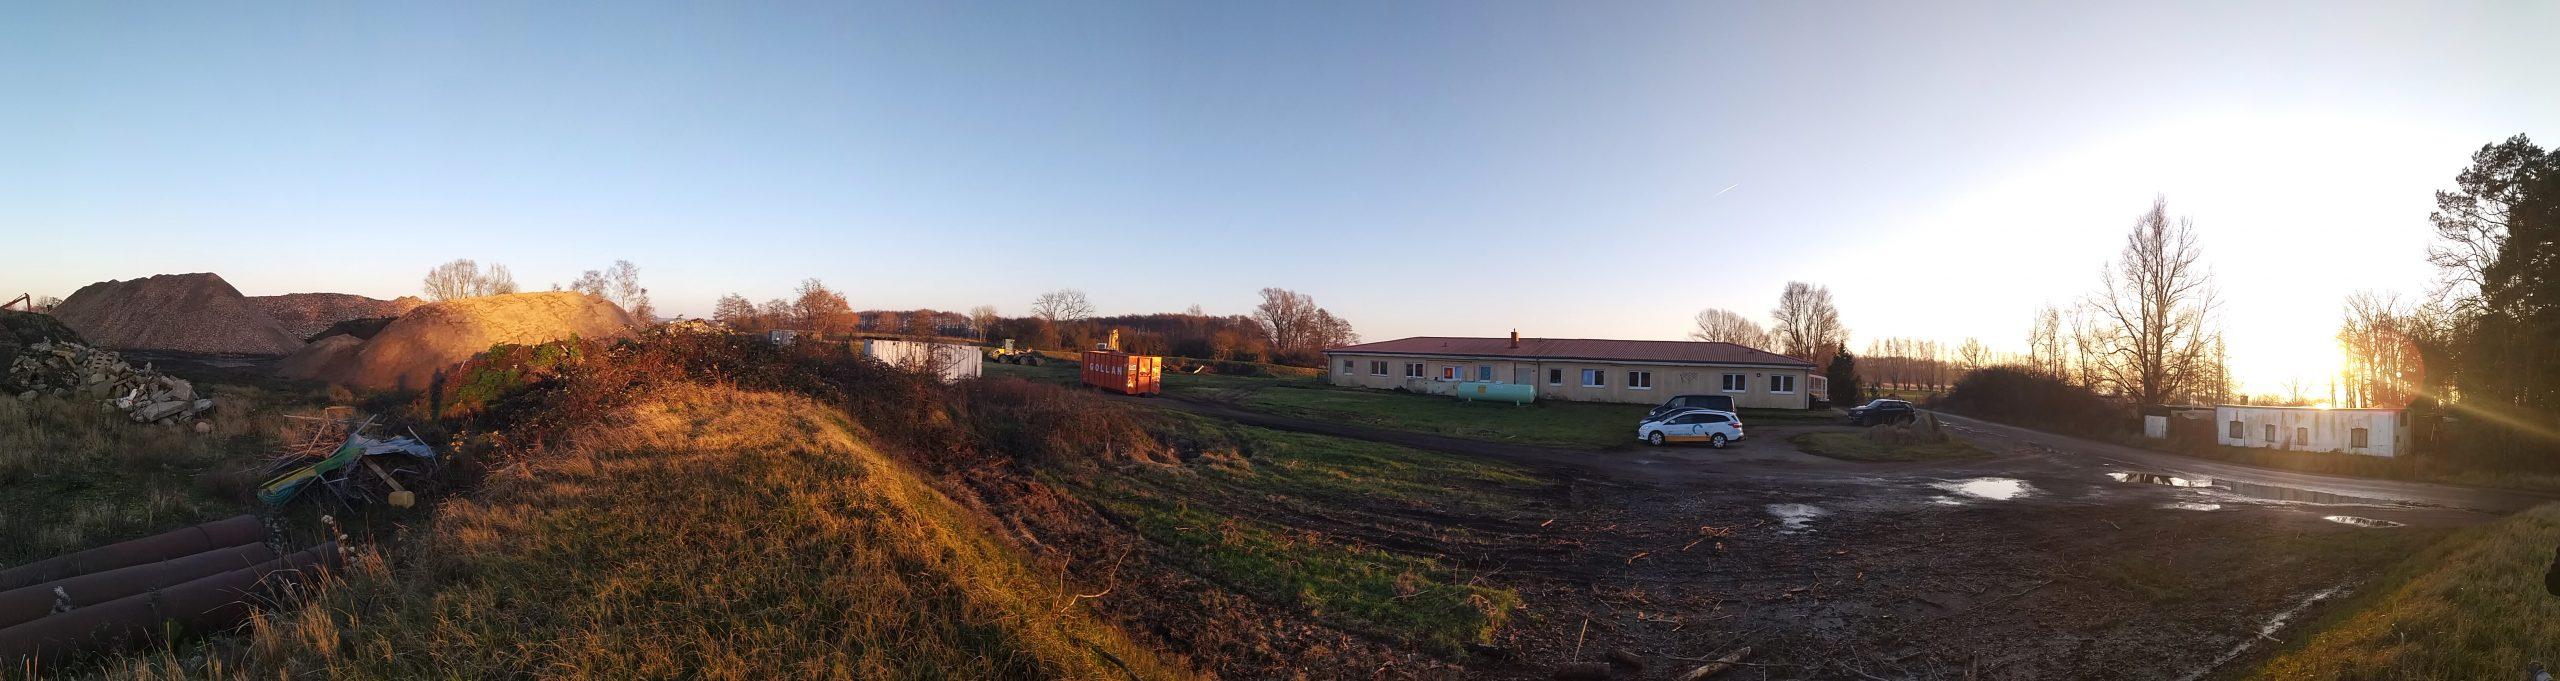 Das neue Hostelgebäude von Rügen Kite